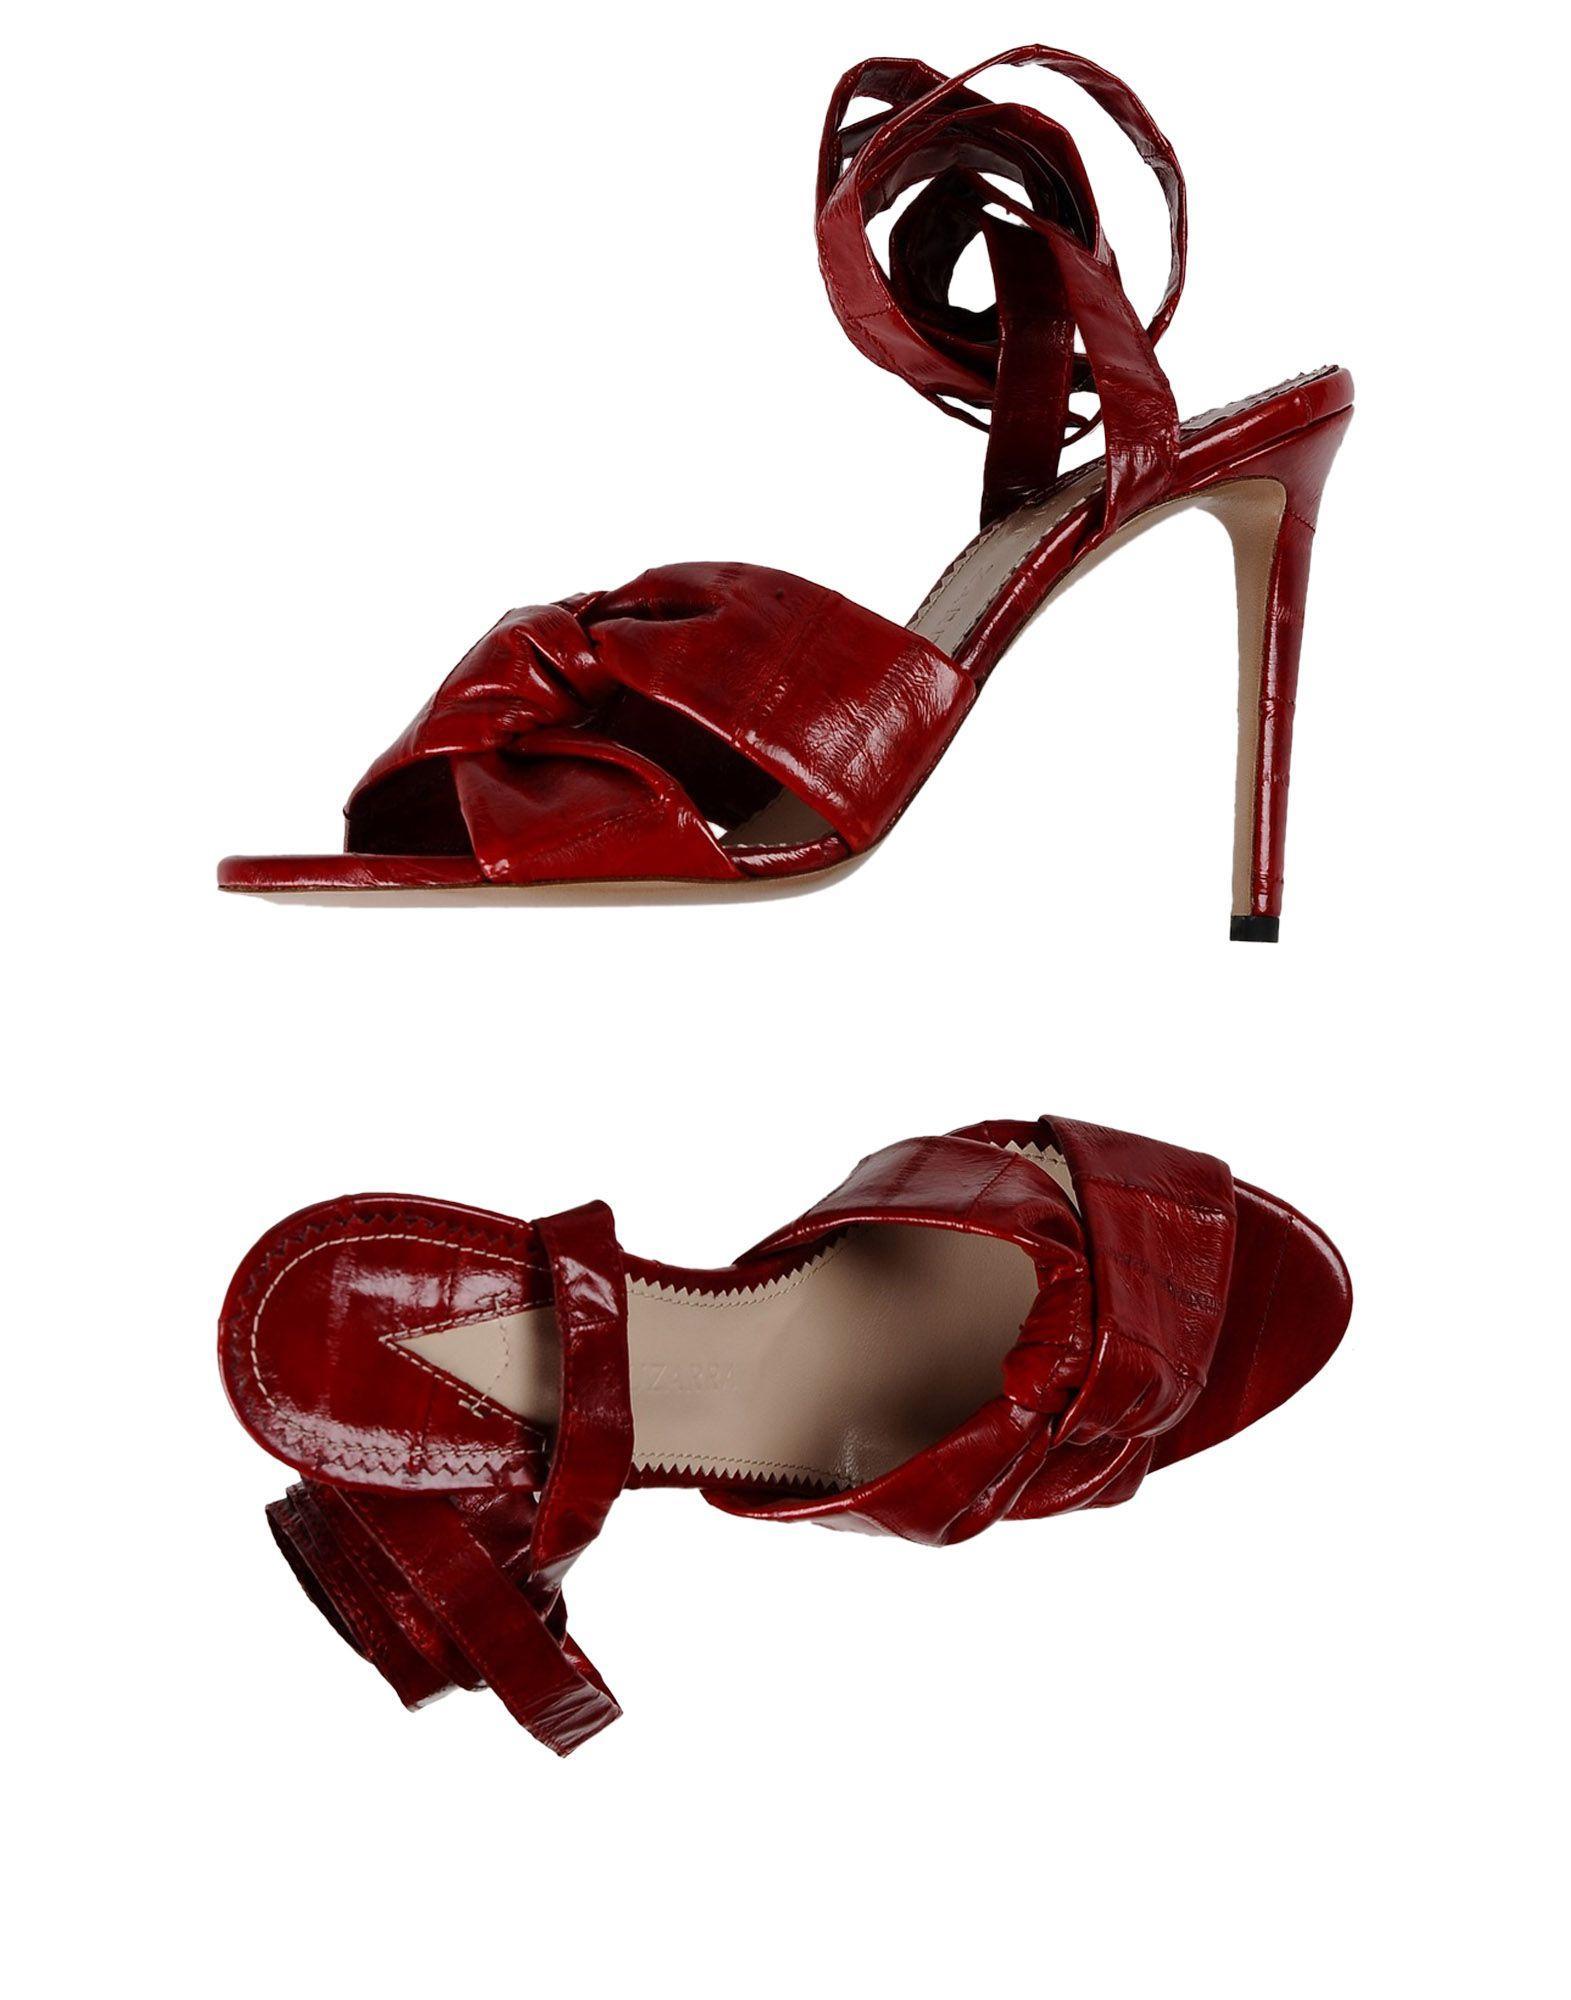 c6d7f1e71d769 Altuzarra Sandals In Red | ModeSens